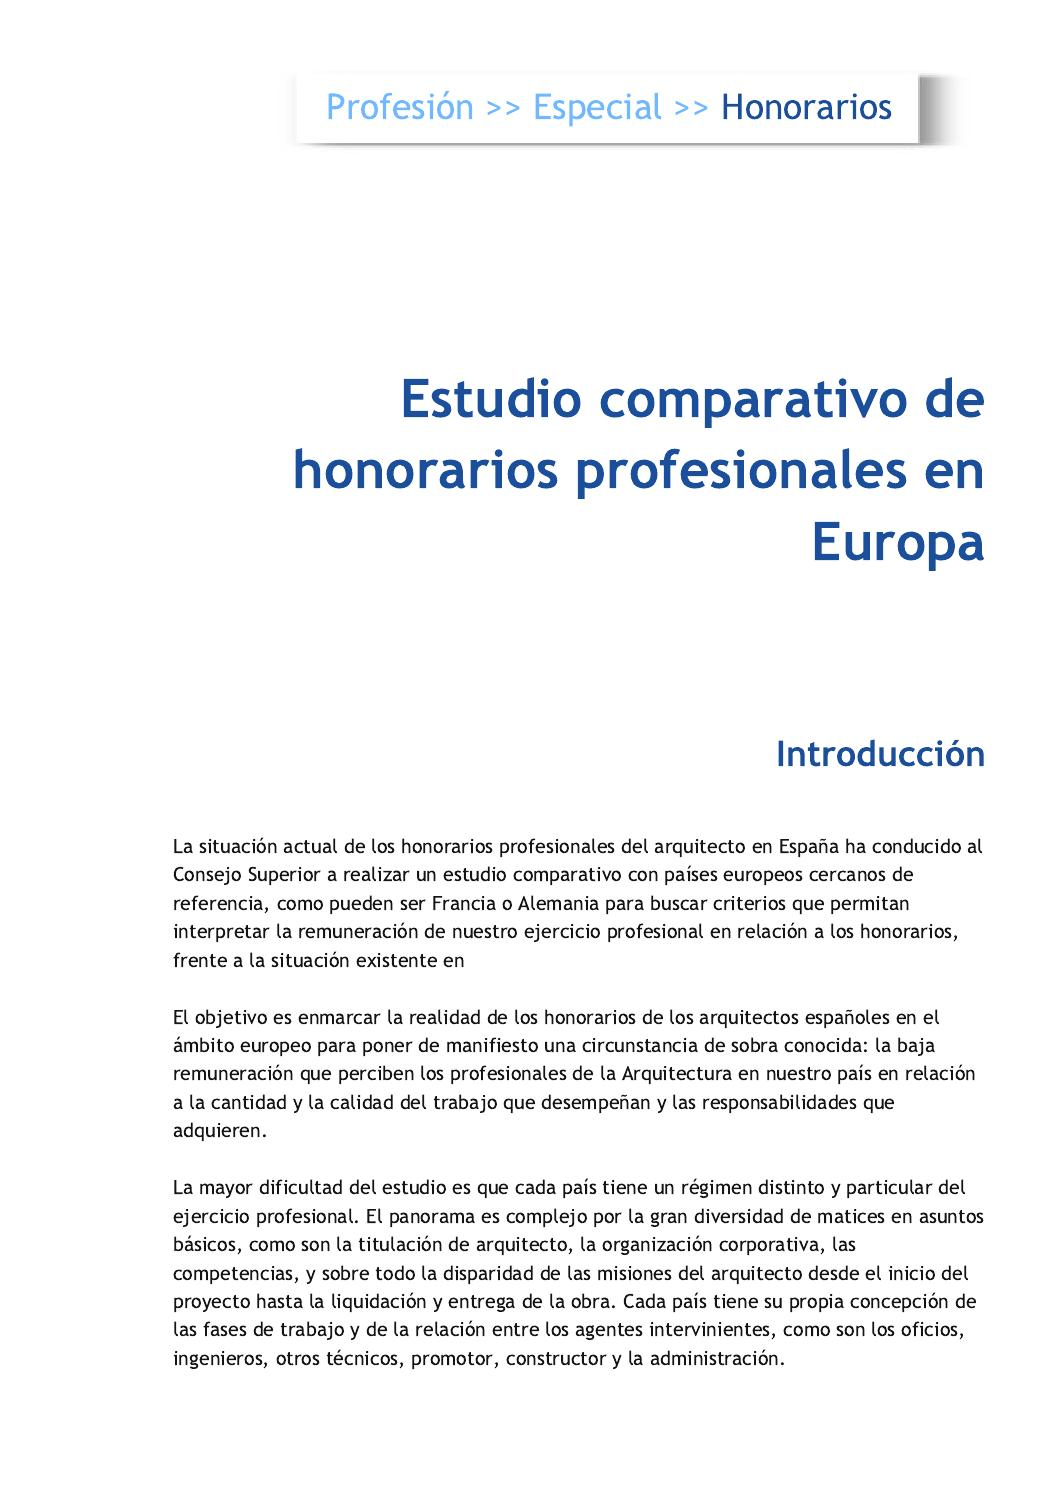 Bolet n digital cscae n 8 by consejo superior de colegios - Trabajo para arquitectos en espana ...